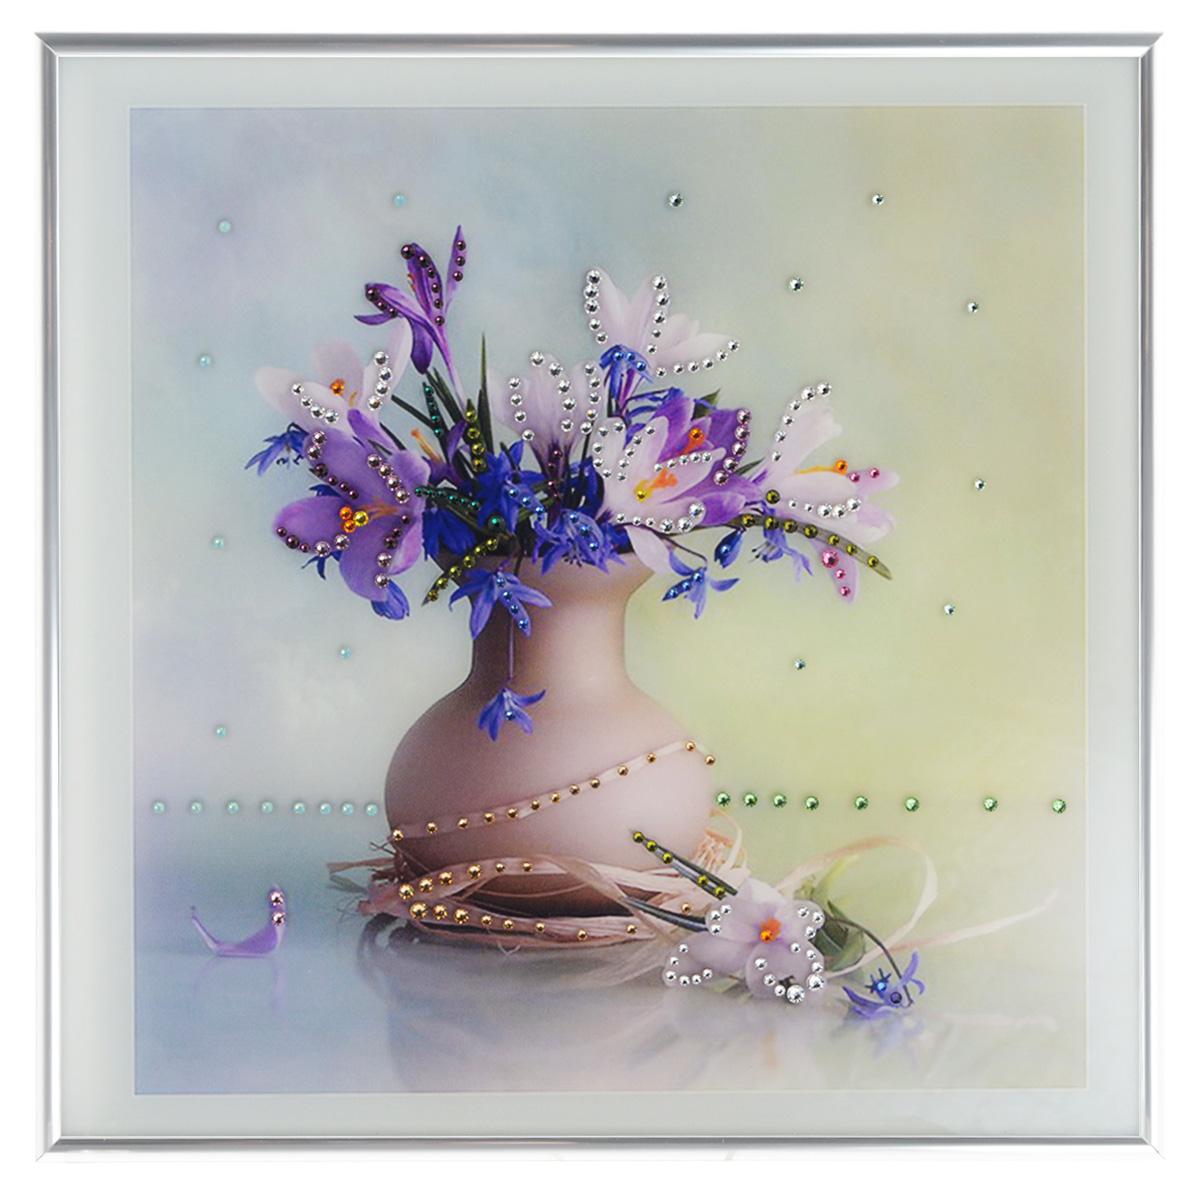 Картина с кристаллами Swarovski Весна, 30 х 30 смES-412Изящная картина в металлической раме, инкрустирована кристаллами Swarovski, которые отличаются четкой и ровной огранкой, ярким блеском и чистотой цвета. Красочное изображение букета цветов в вазе, расположенное под стеклом, прекрасно дополняет блеск кристаллов. С обратной стороны имеется металлическая петелька для размещения картины на стене. Картина с кристаллами Swarovski Весна элегантно украсит интерьер дома или офиса, а также станет прекрасным подарком, который обязательно понравится получателю. Блеск кристаллов в интерьере, что может быть сказочнее и удивительнее. Картина упакована в подарочную картонную коробку синего цвета и комплектуется сертификатом соответствия Swarovski.